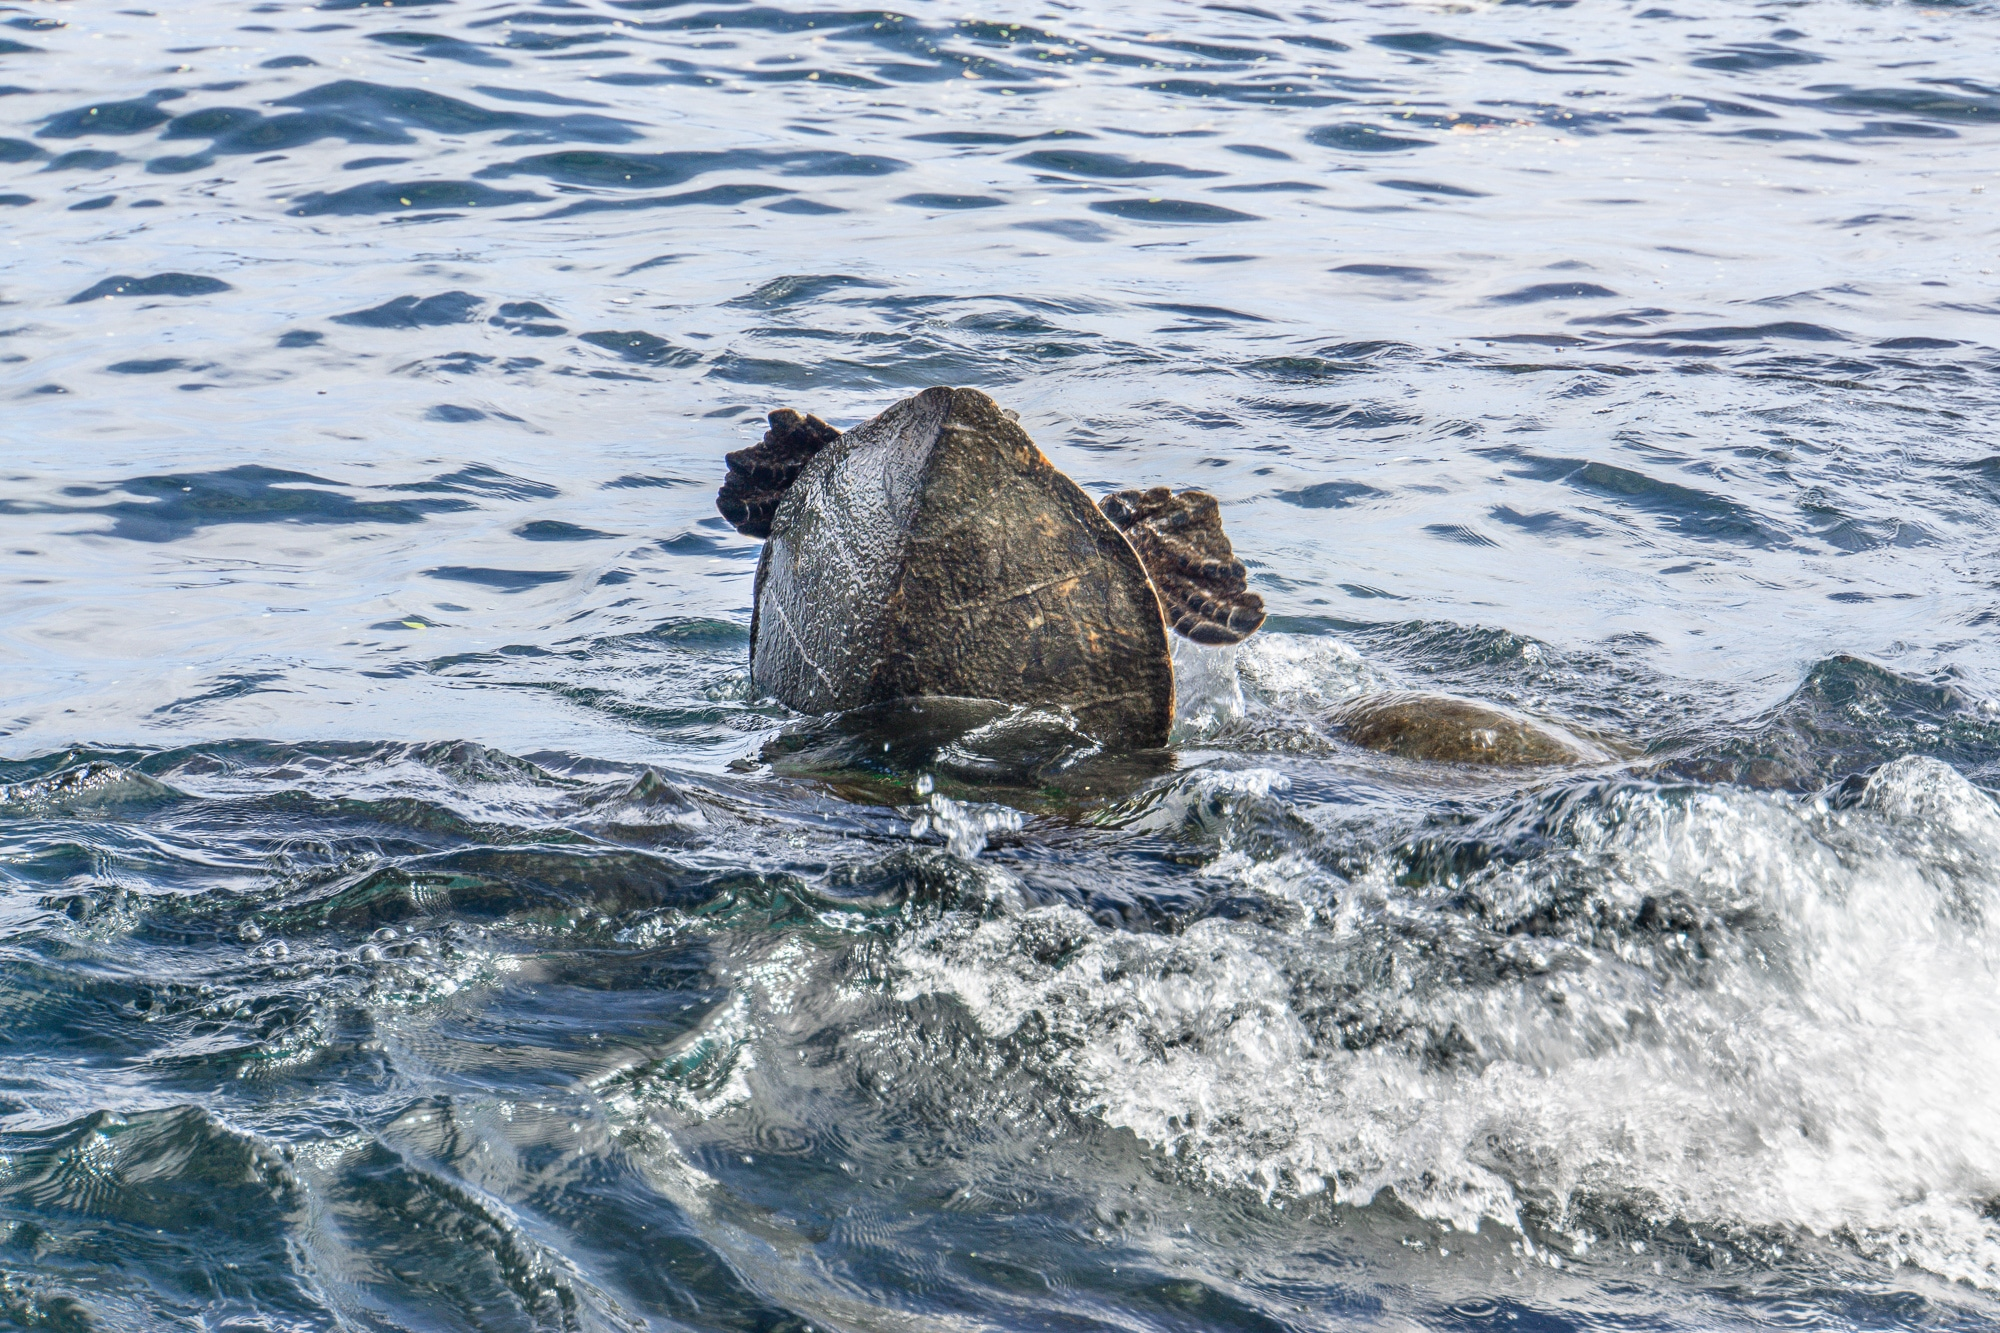 Phantastische Tierwesen und wo sie zu finden sind – Big Island Edition